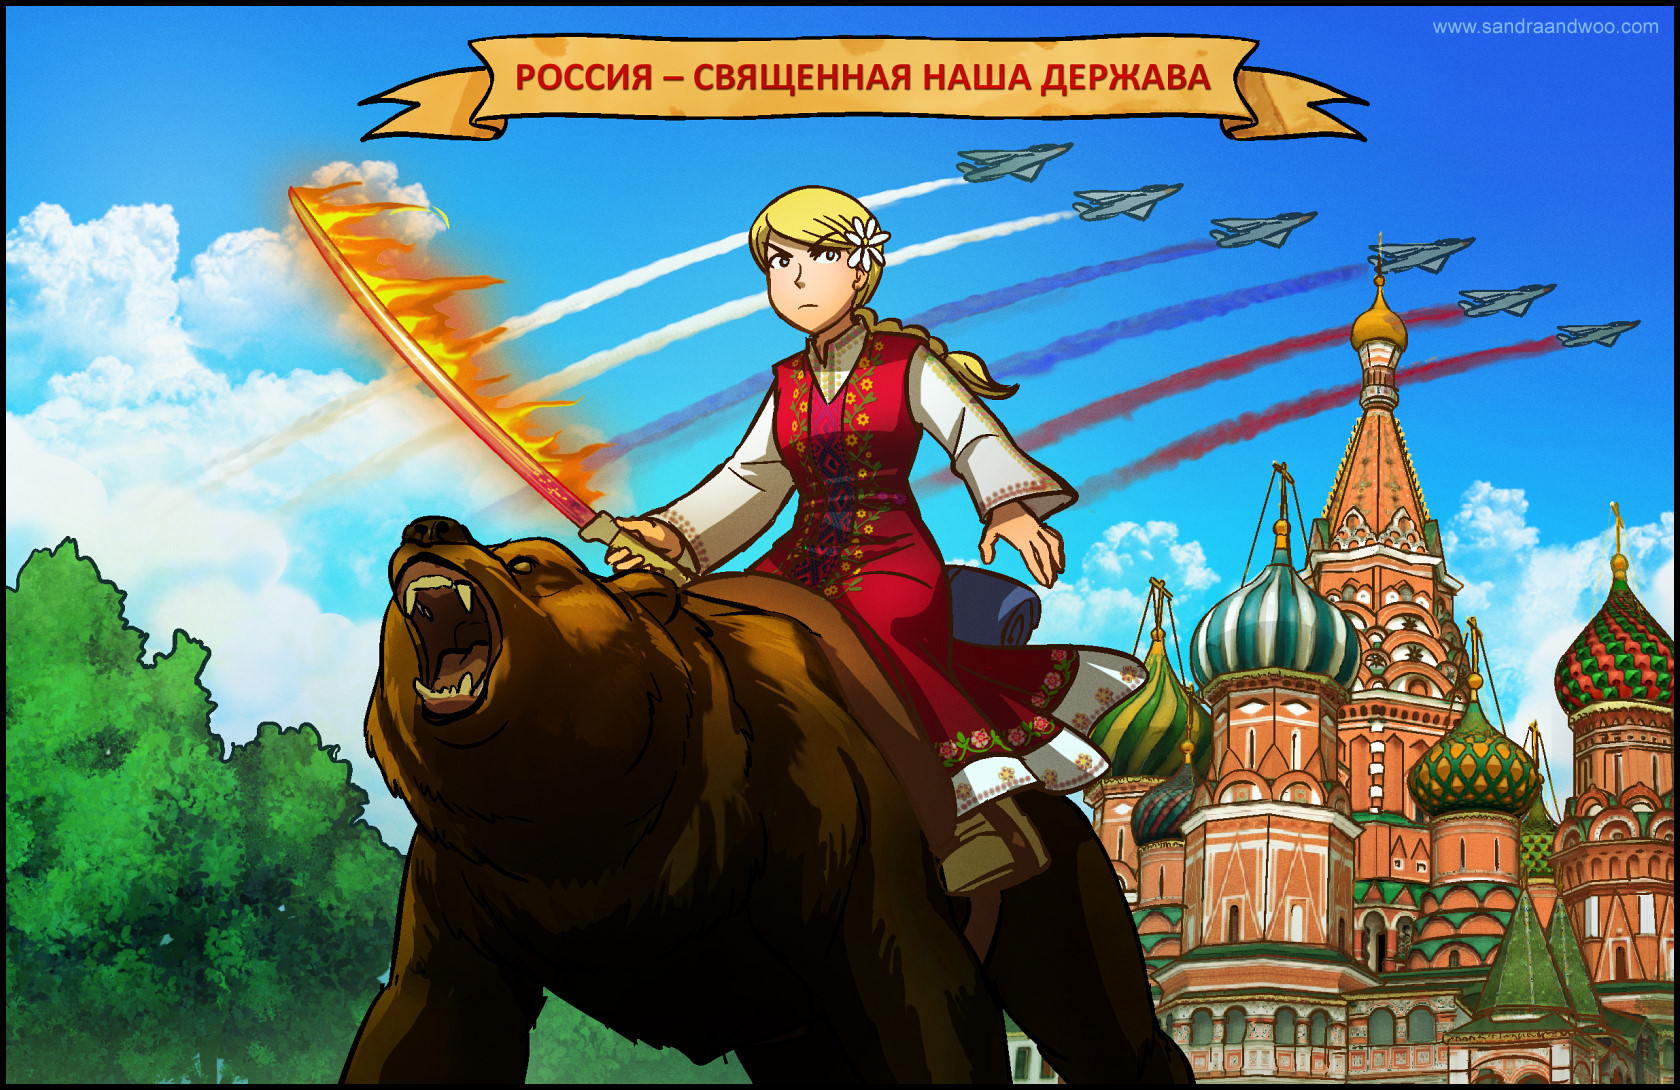 2014-12-22-0643-propaganda-russia-1680